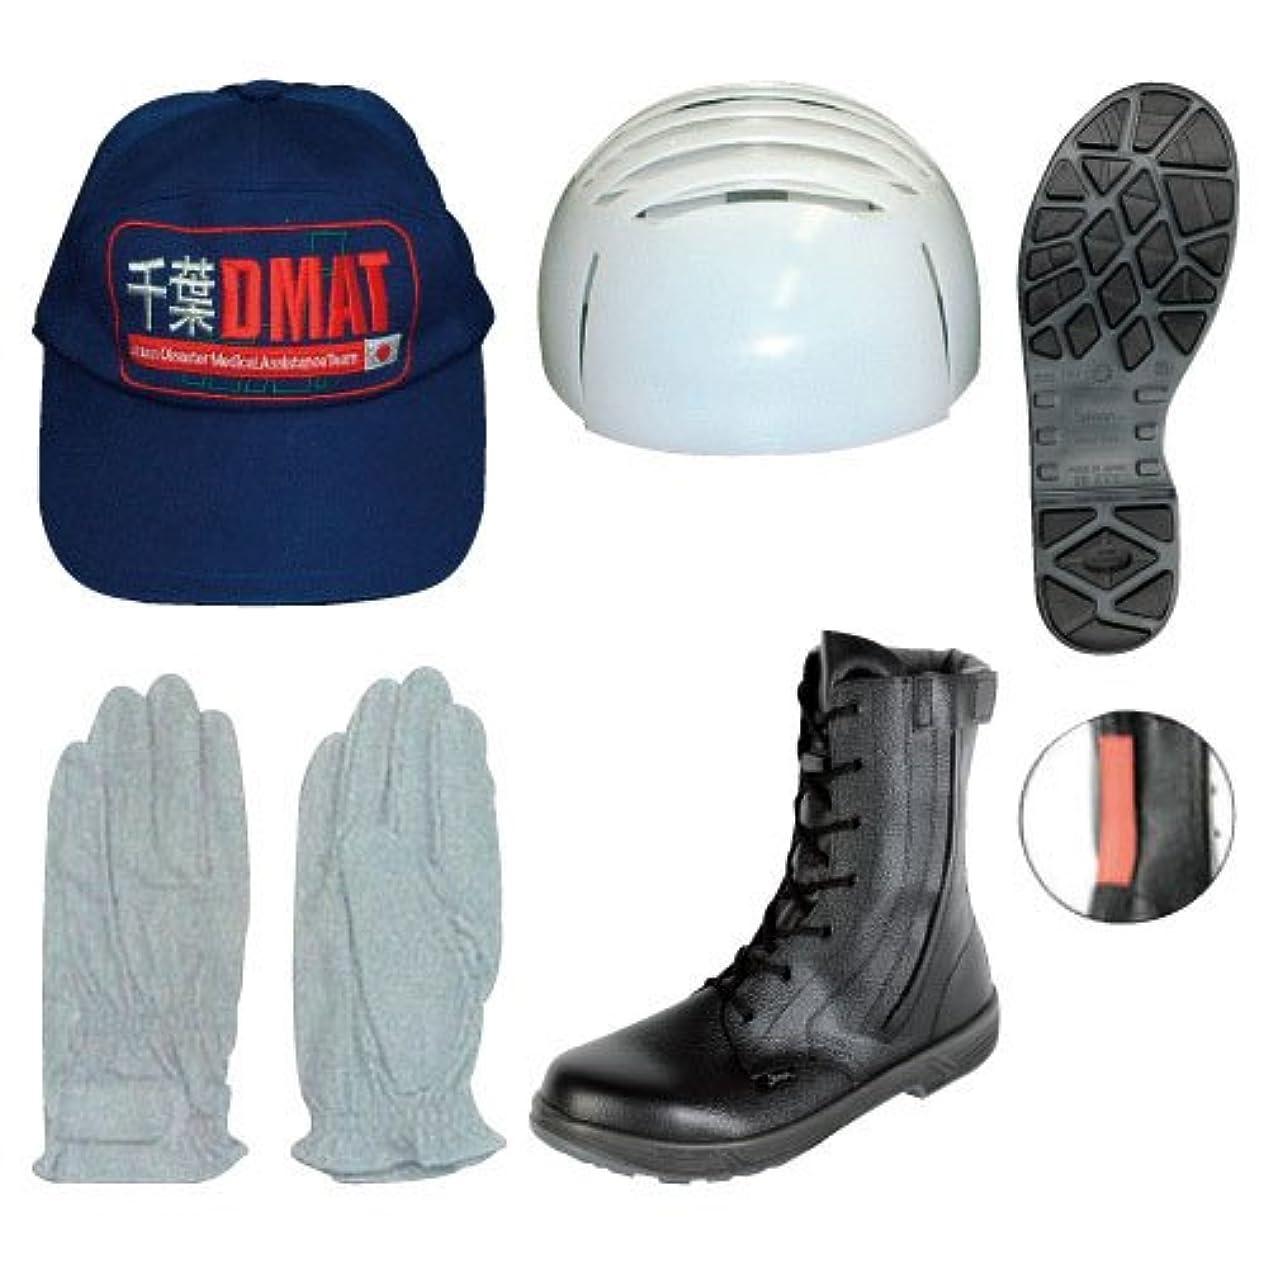 感謝男やもめ共産主義DMAT用手袋 DMAT???????(23-2391-00)??M M